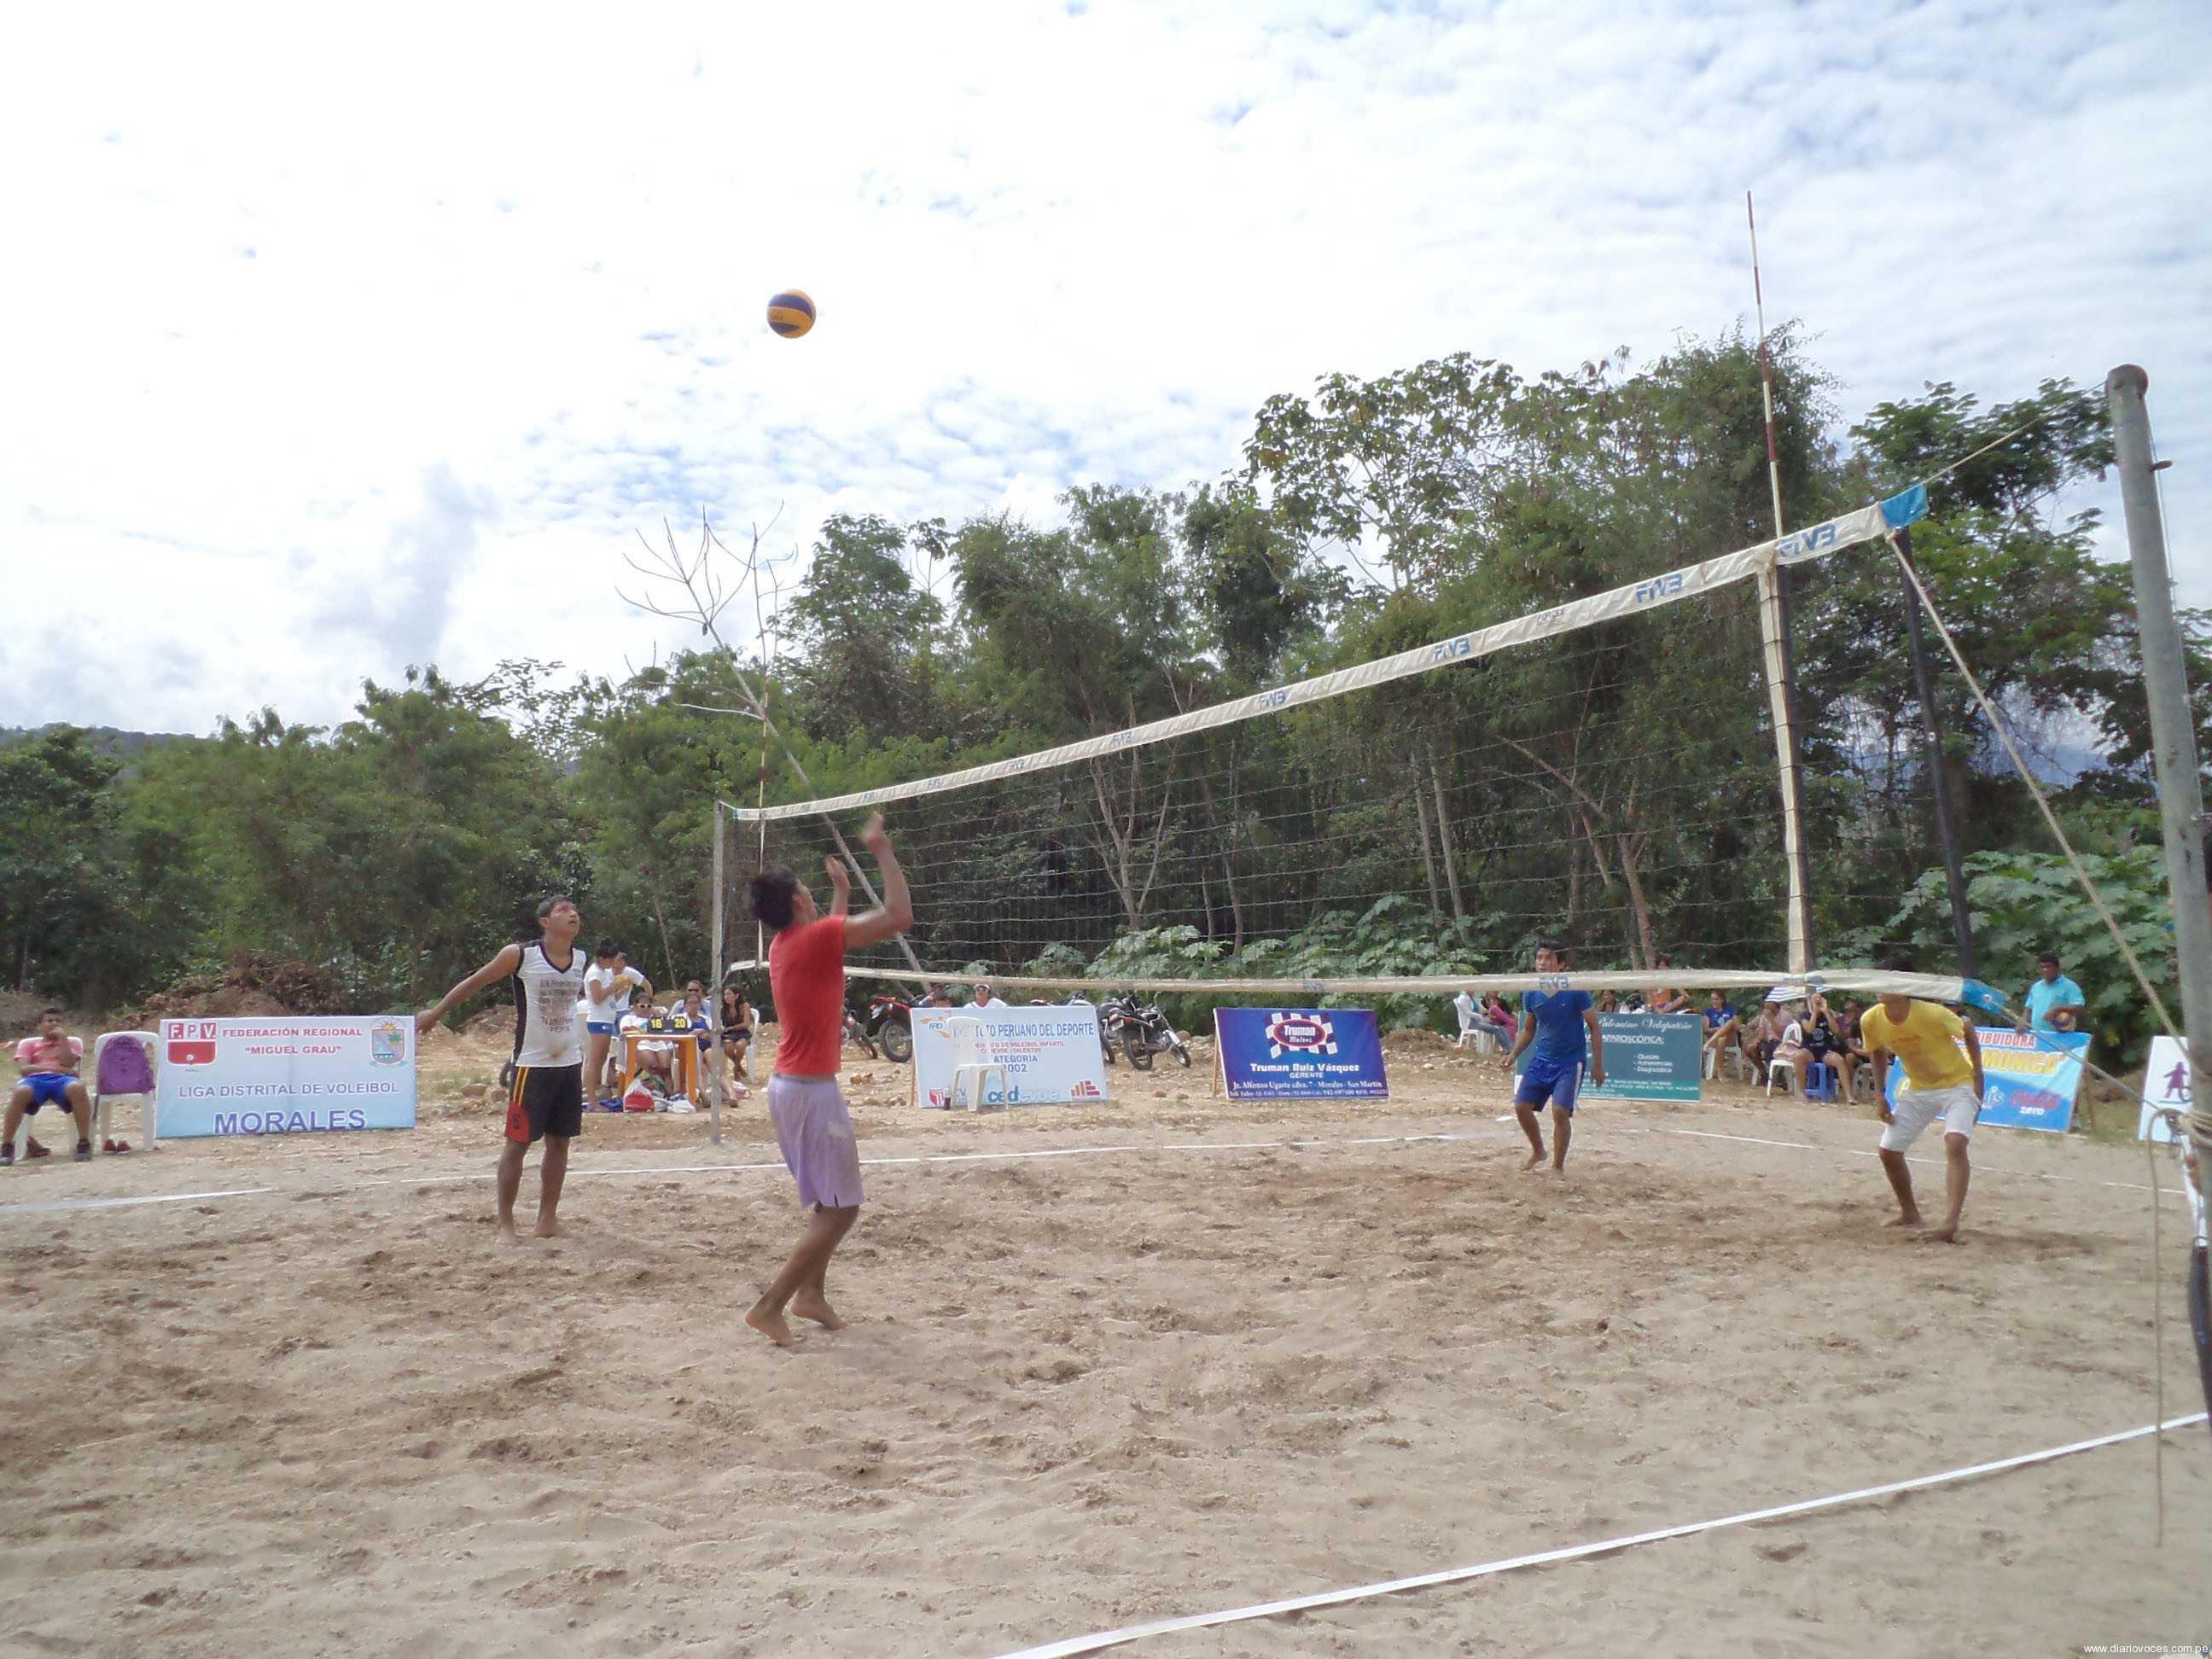 I campeonato de vóley playa continúa en Morales Beach